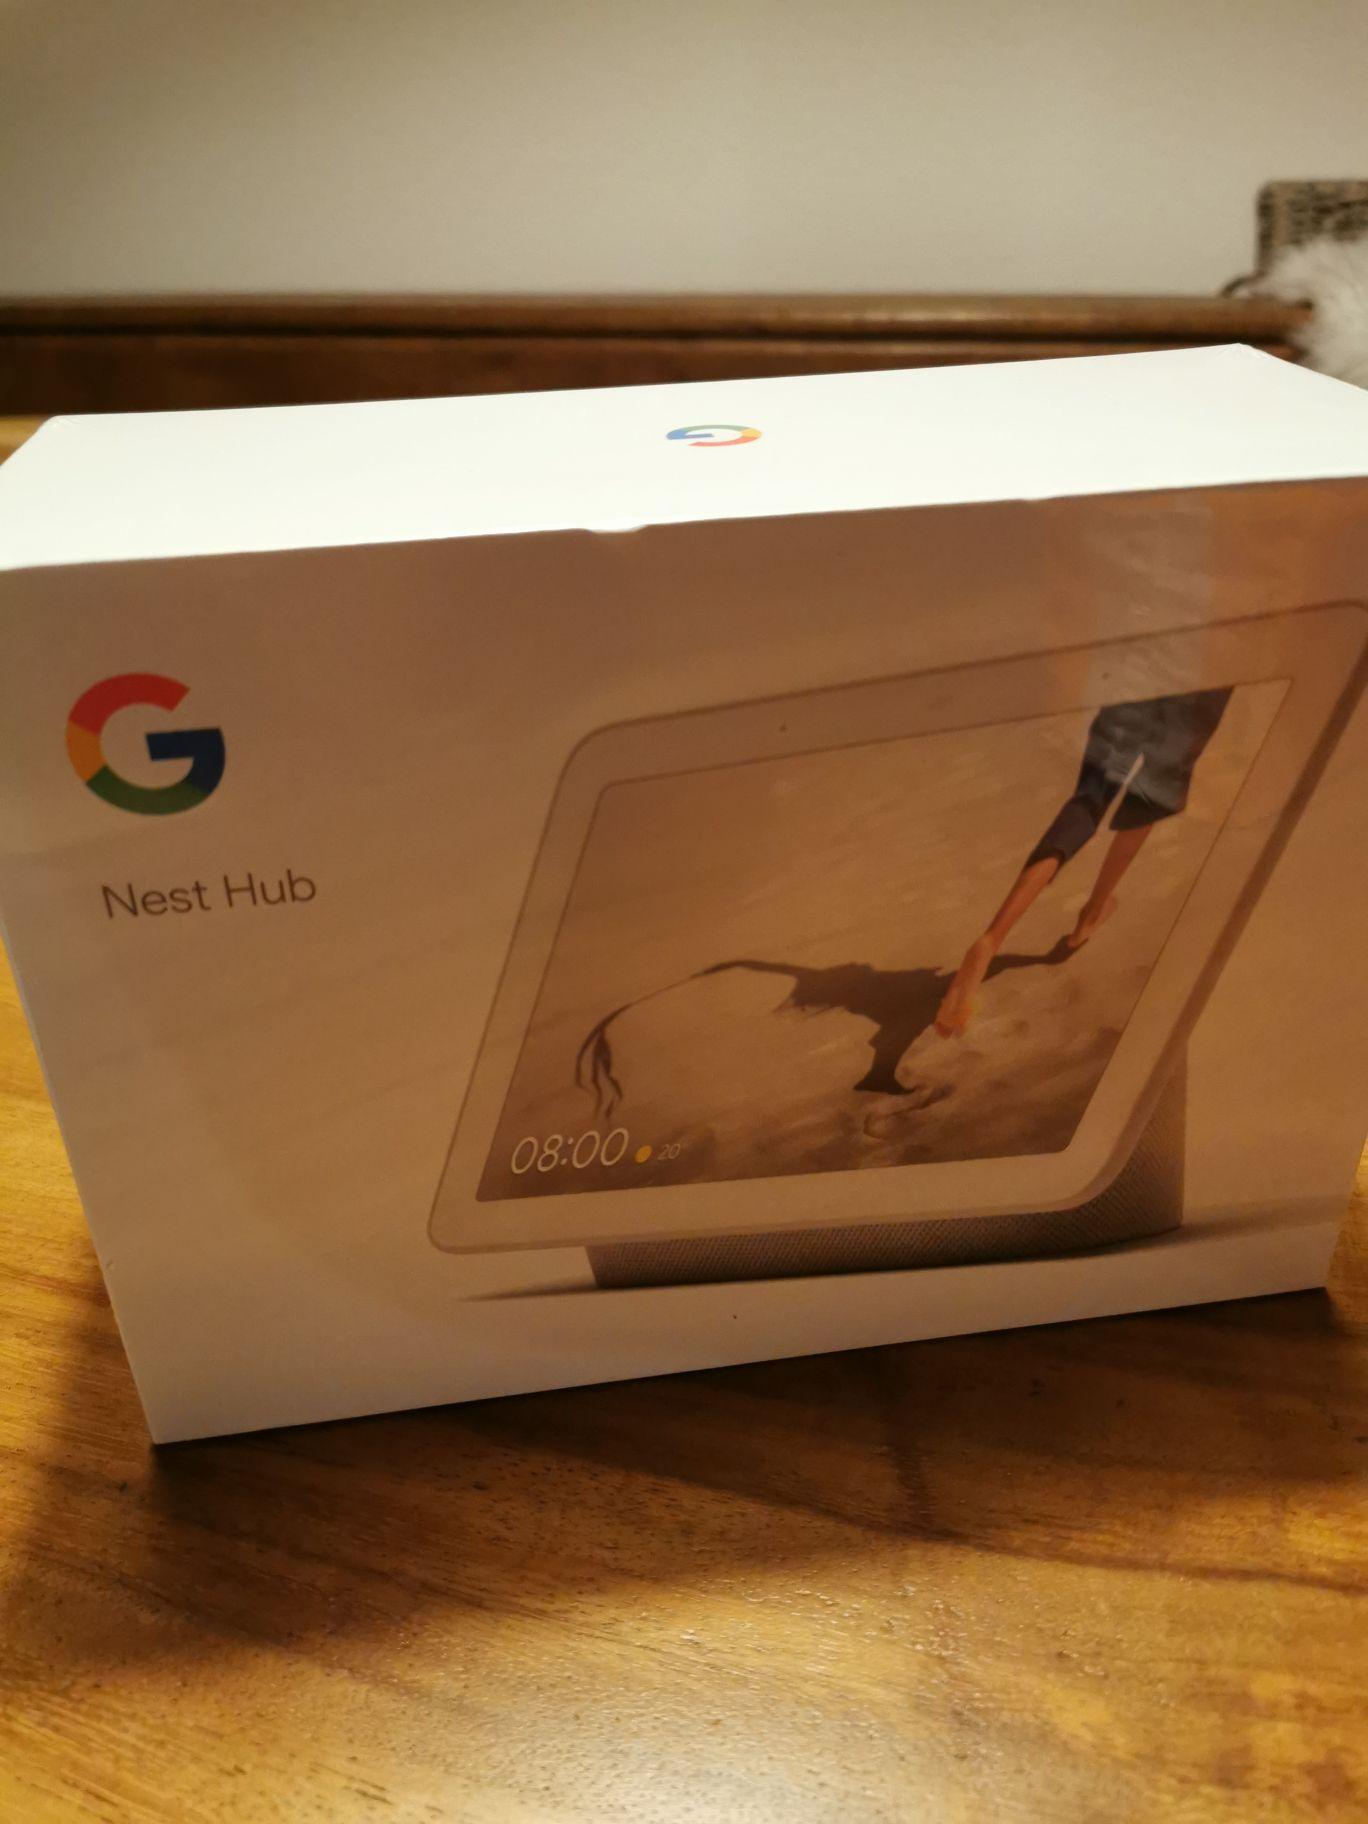 Google Nest Hub bij AH griendsveenweg in Hoogeveen